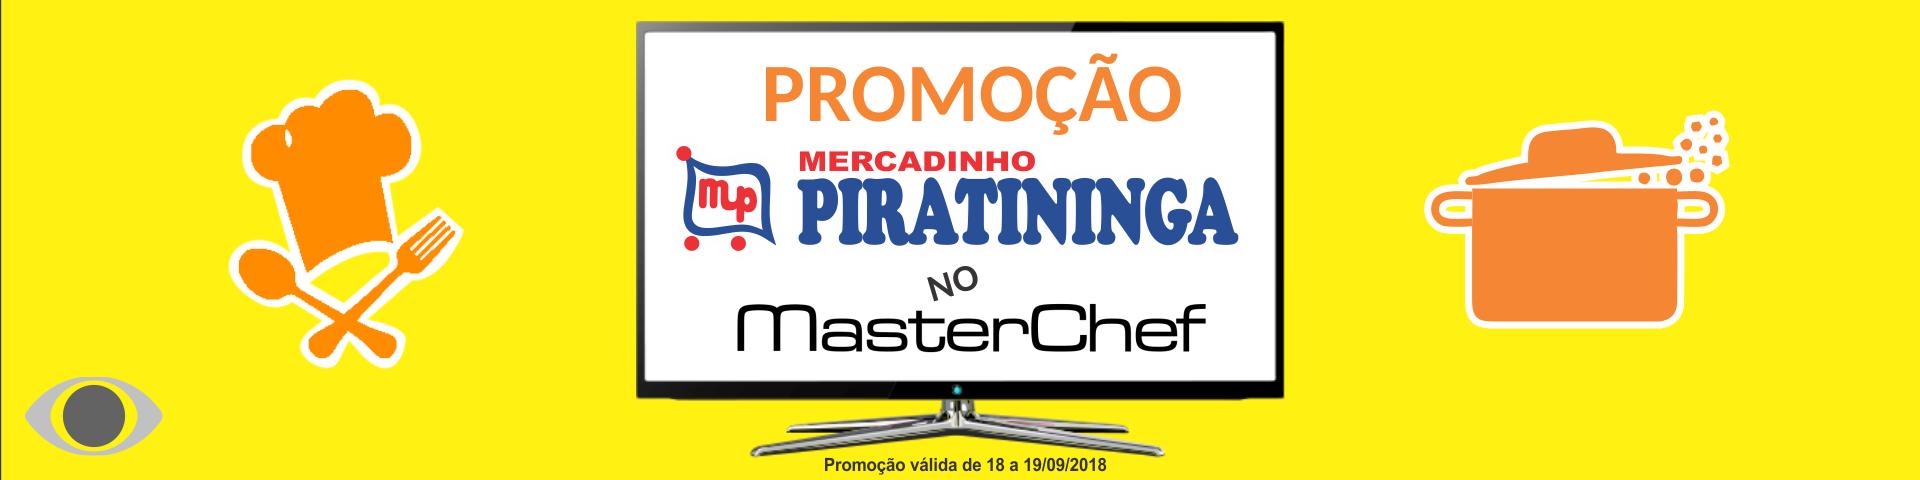 Promoção Mercadinho Piratininga no MasterChef!